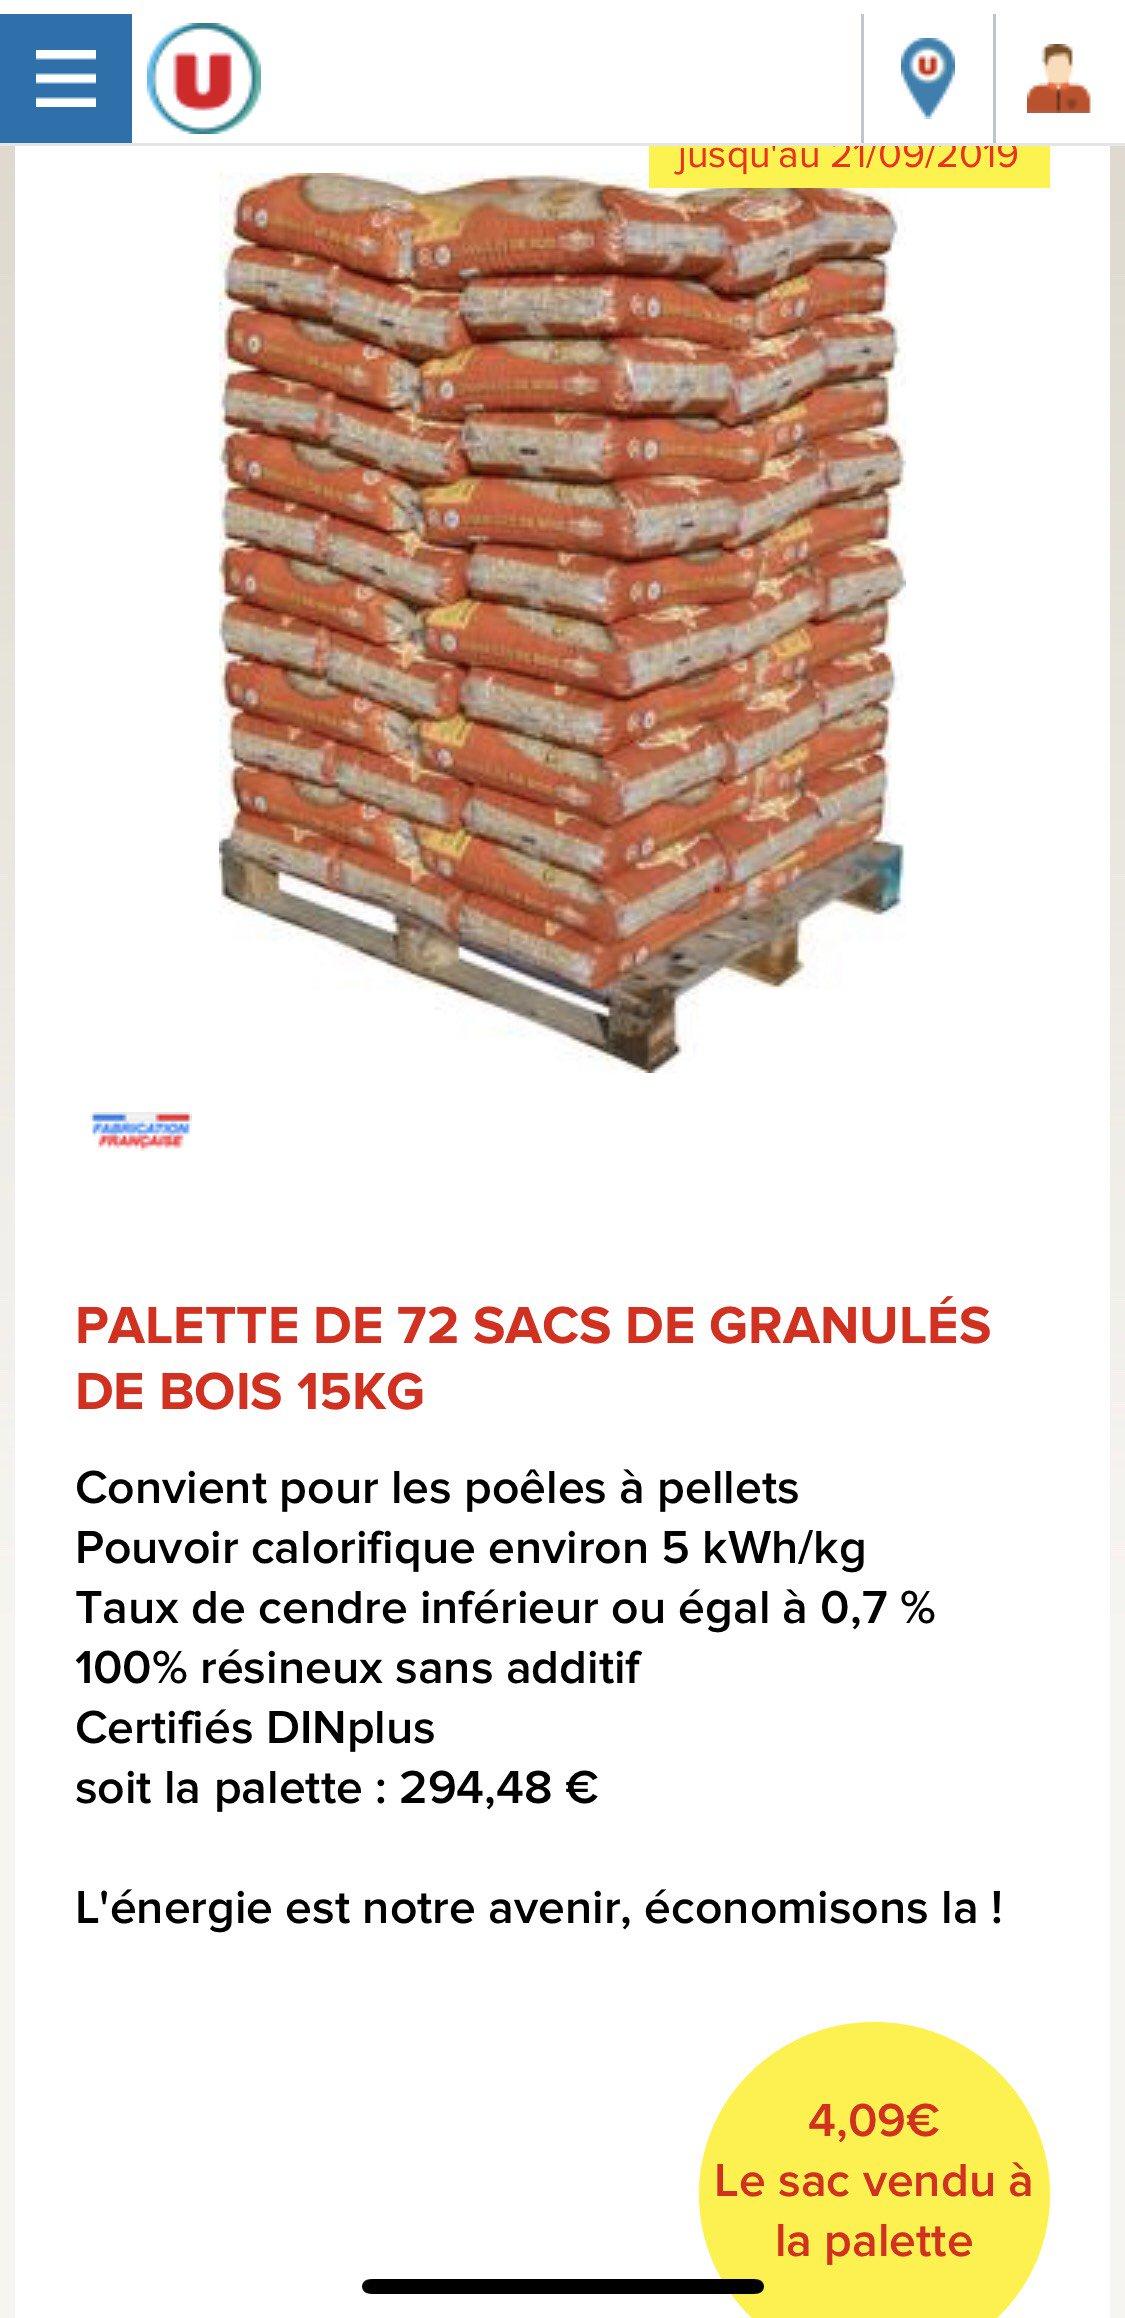 Palette De 72 Sacs De Granules De Bois Flamino 72 X 15 Kg Saint Seurin Sur L Isle 33 Dealabs Com